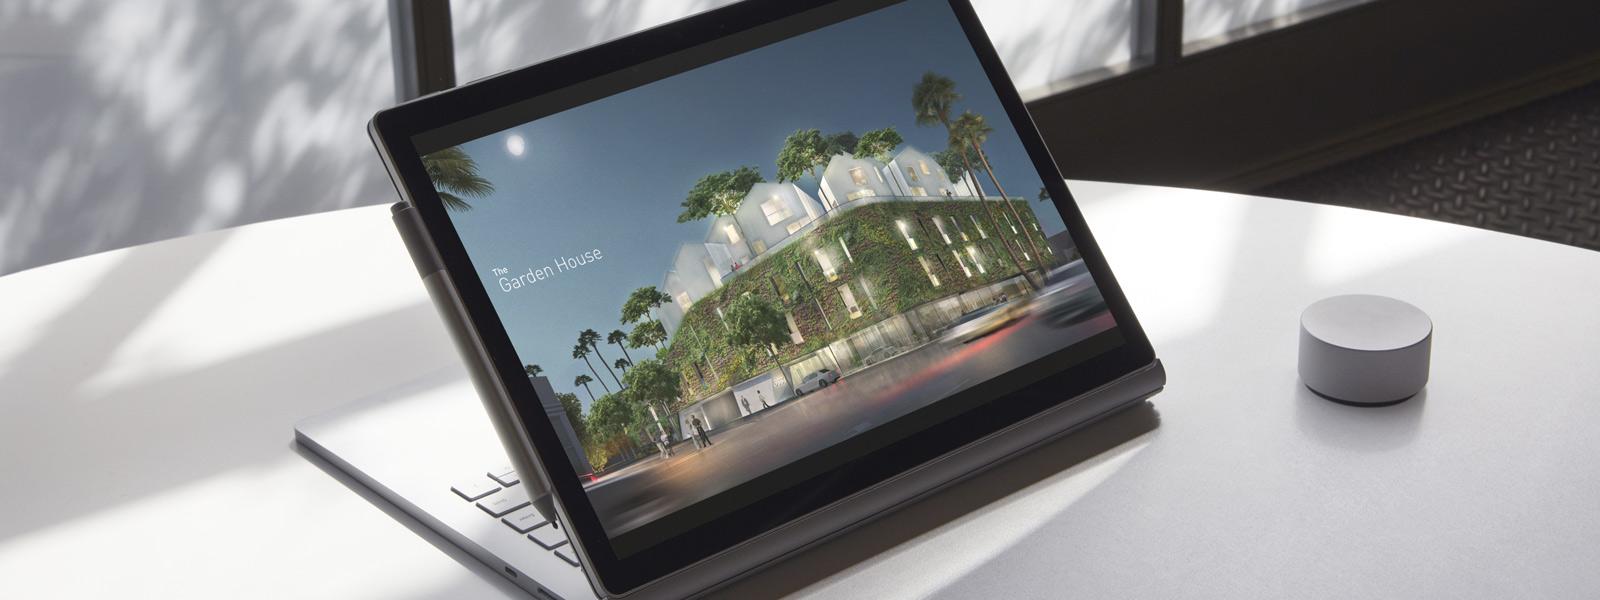 Surface Book 2 befindet sich auf einem Tisch am Fenster